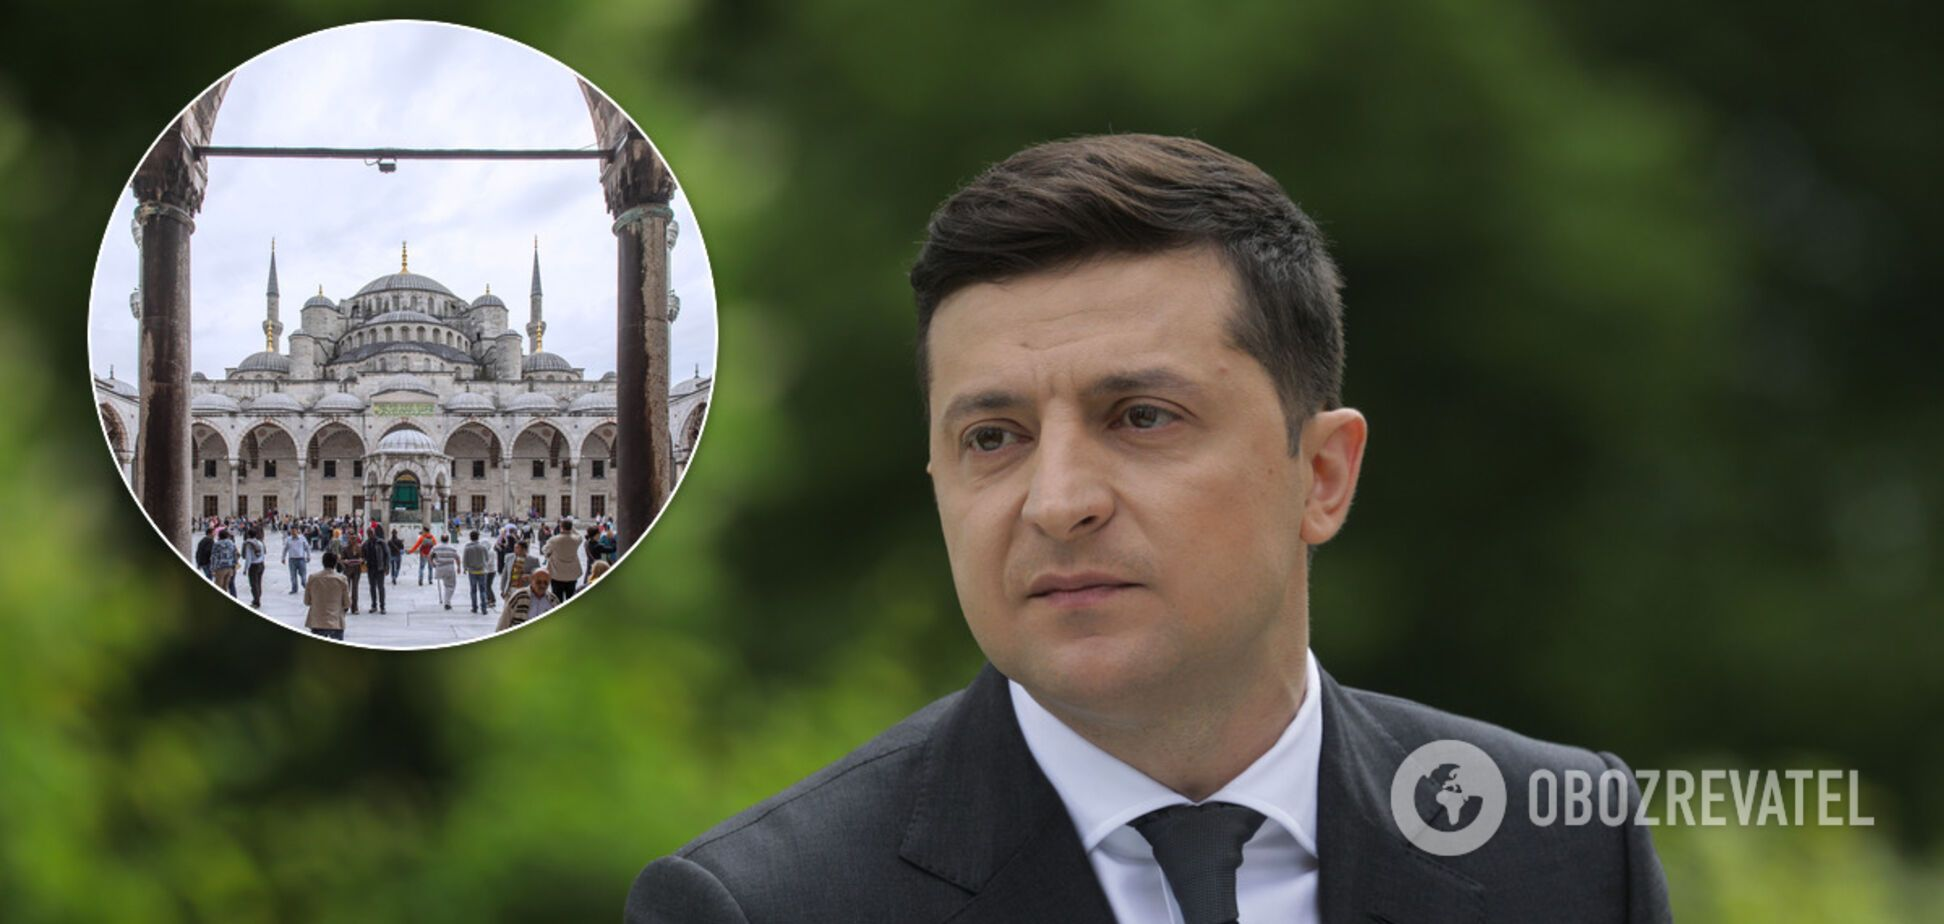 Мусульманські свята не об'єднають Україну: в УПЦ розкритикували ідею Зеленського